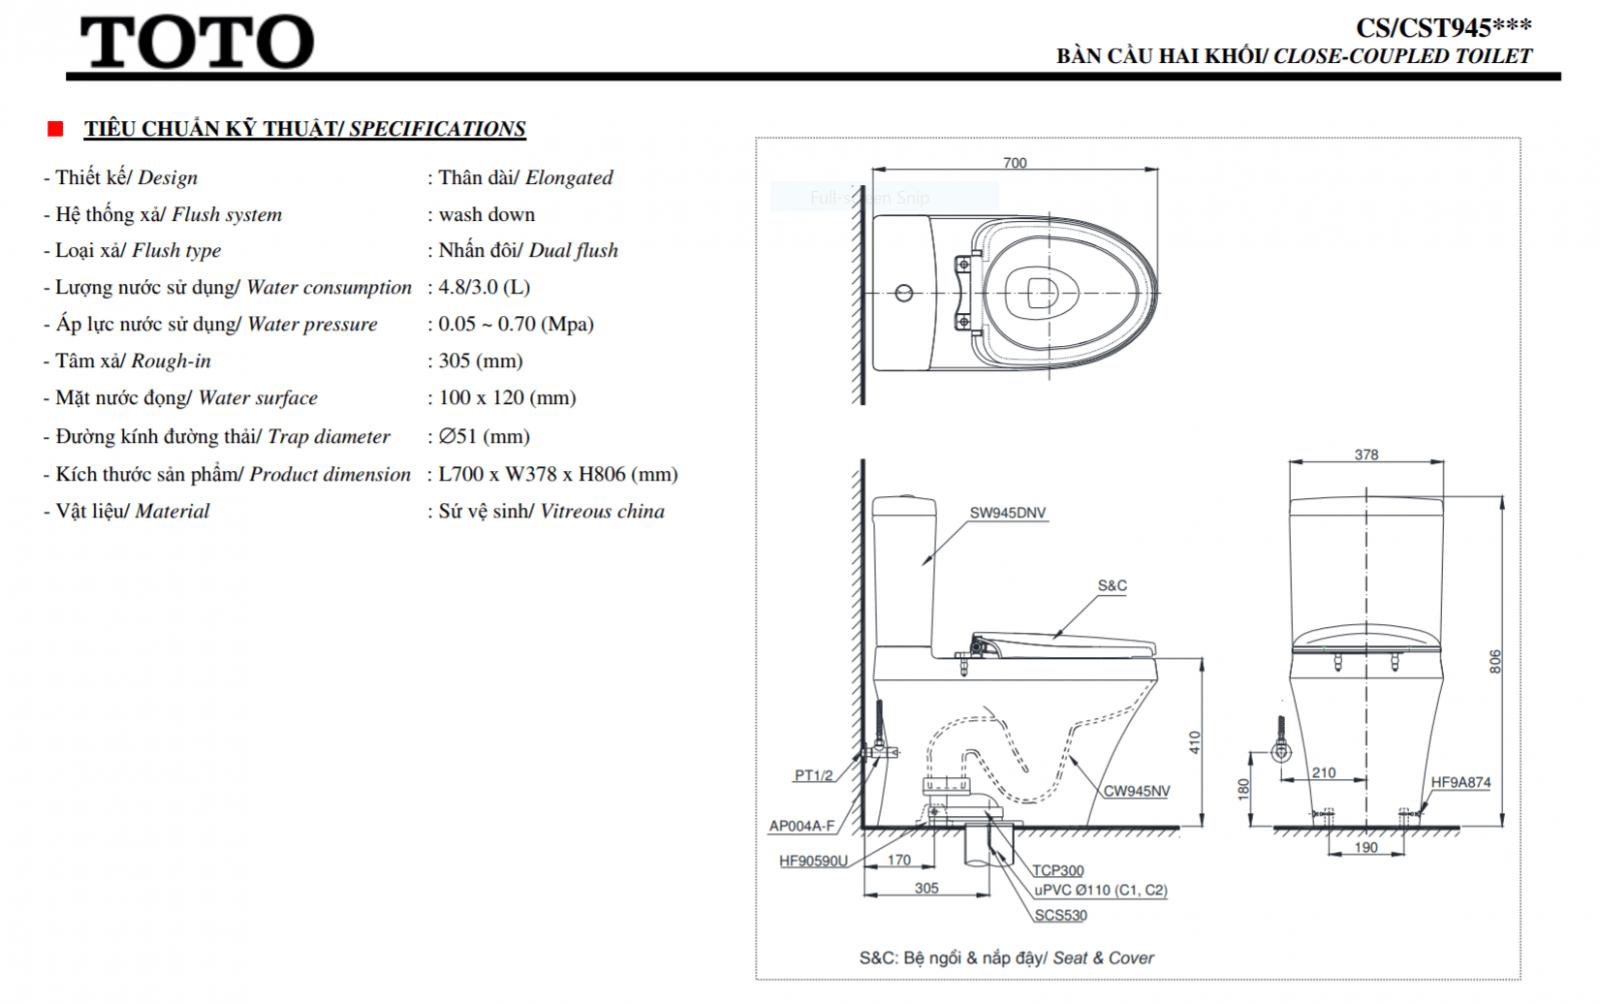 thông số kĩ thuật bồn cầu toto 2 khối CS945DNT8